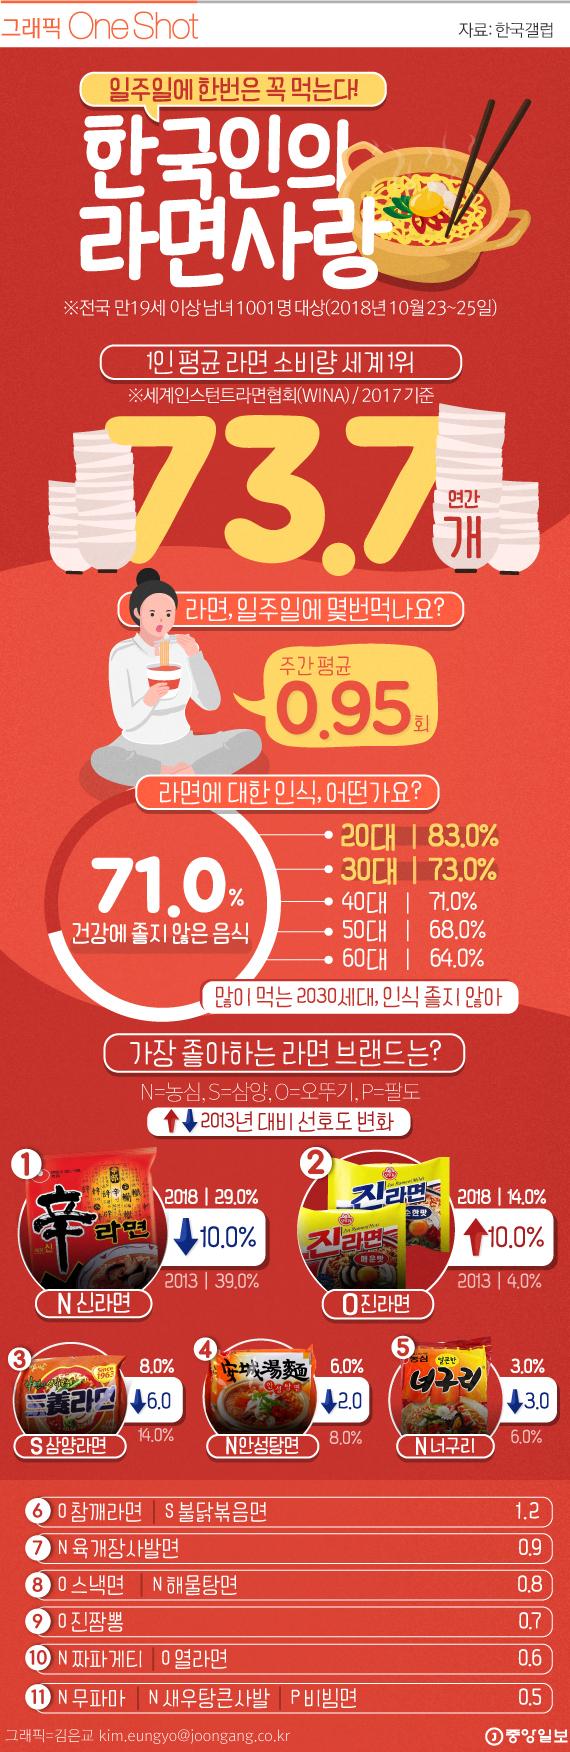 한국인의 라면 사랑